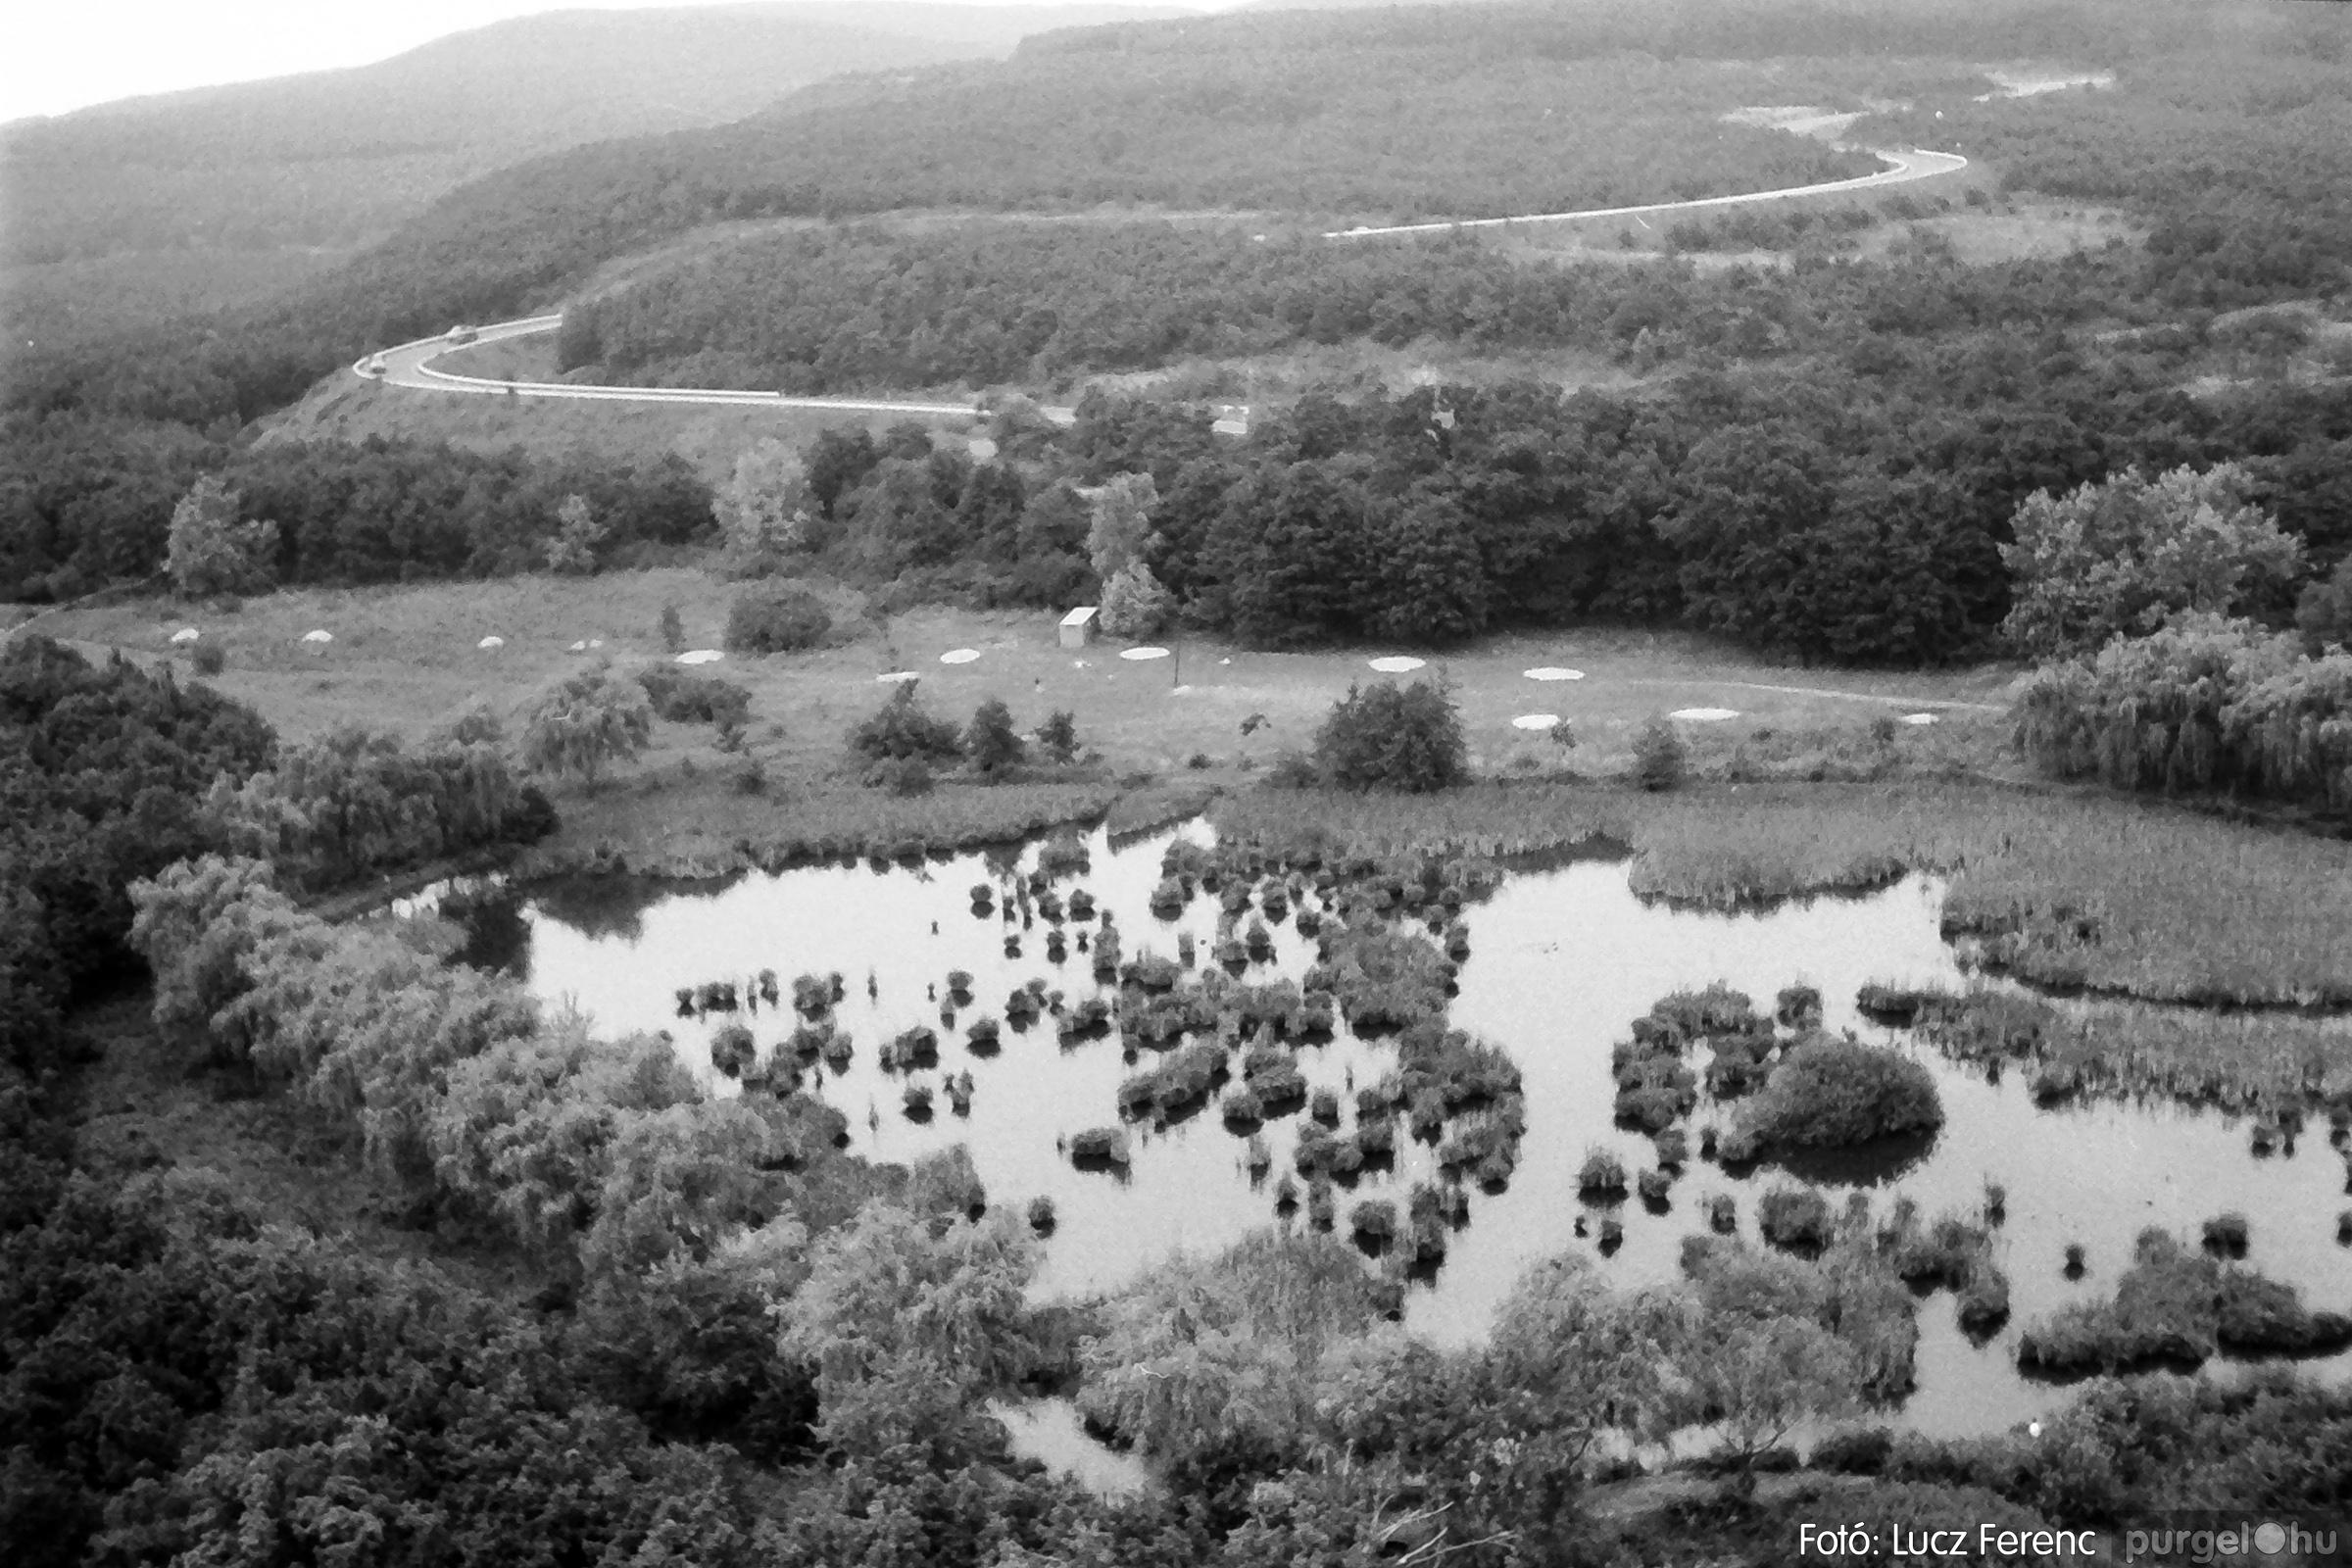 086, 088. 1977. Nyári tábor a Mátrában 012. - Fotó: Lucz Ferenc.jpg